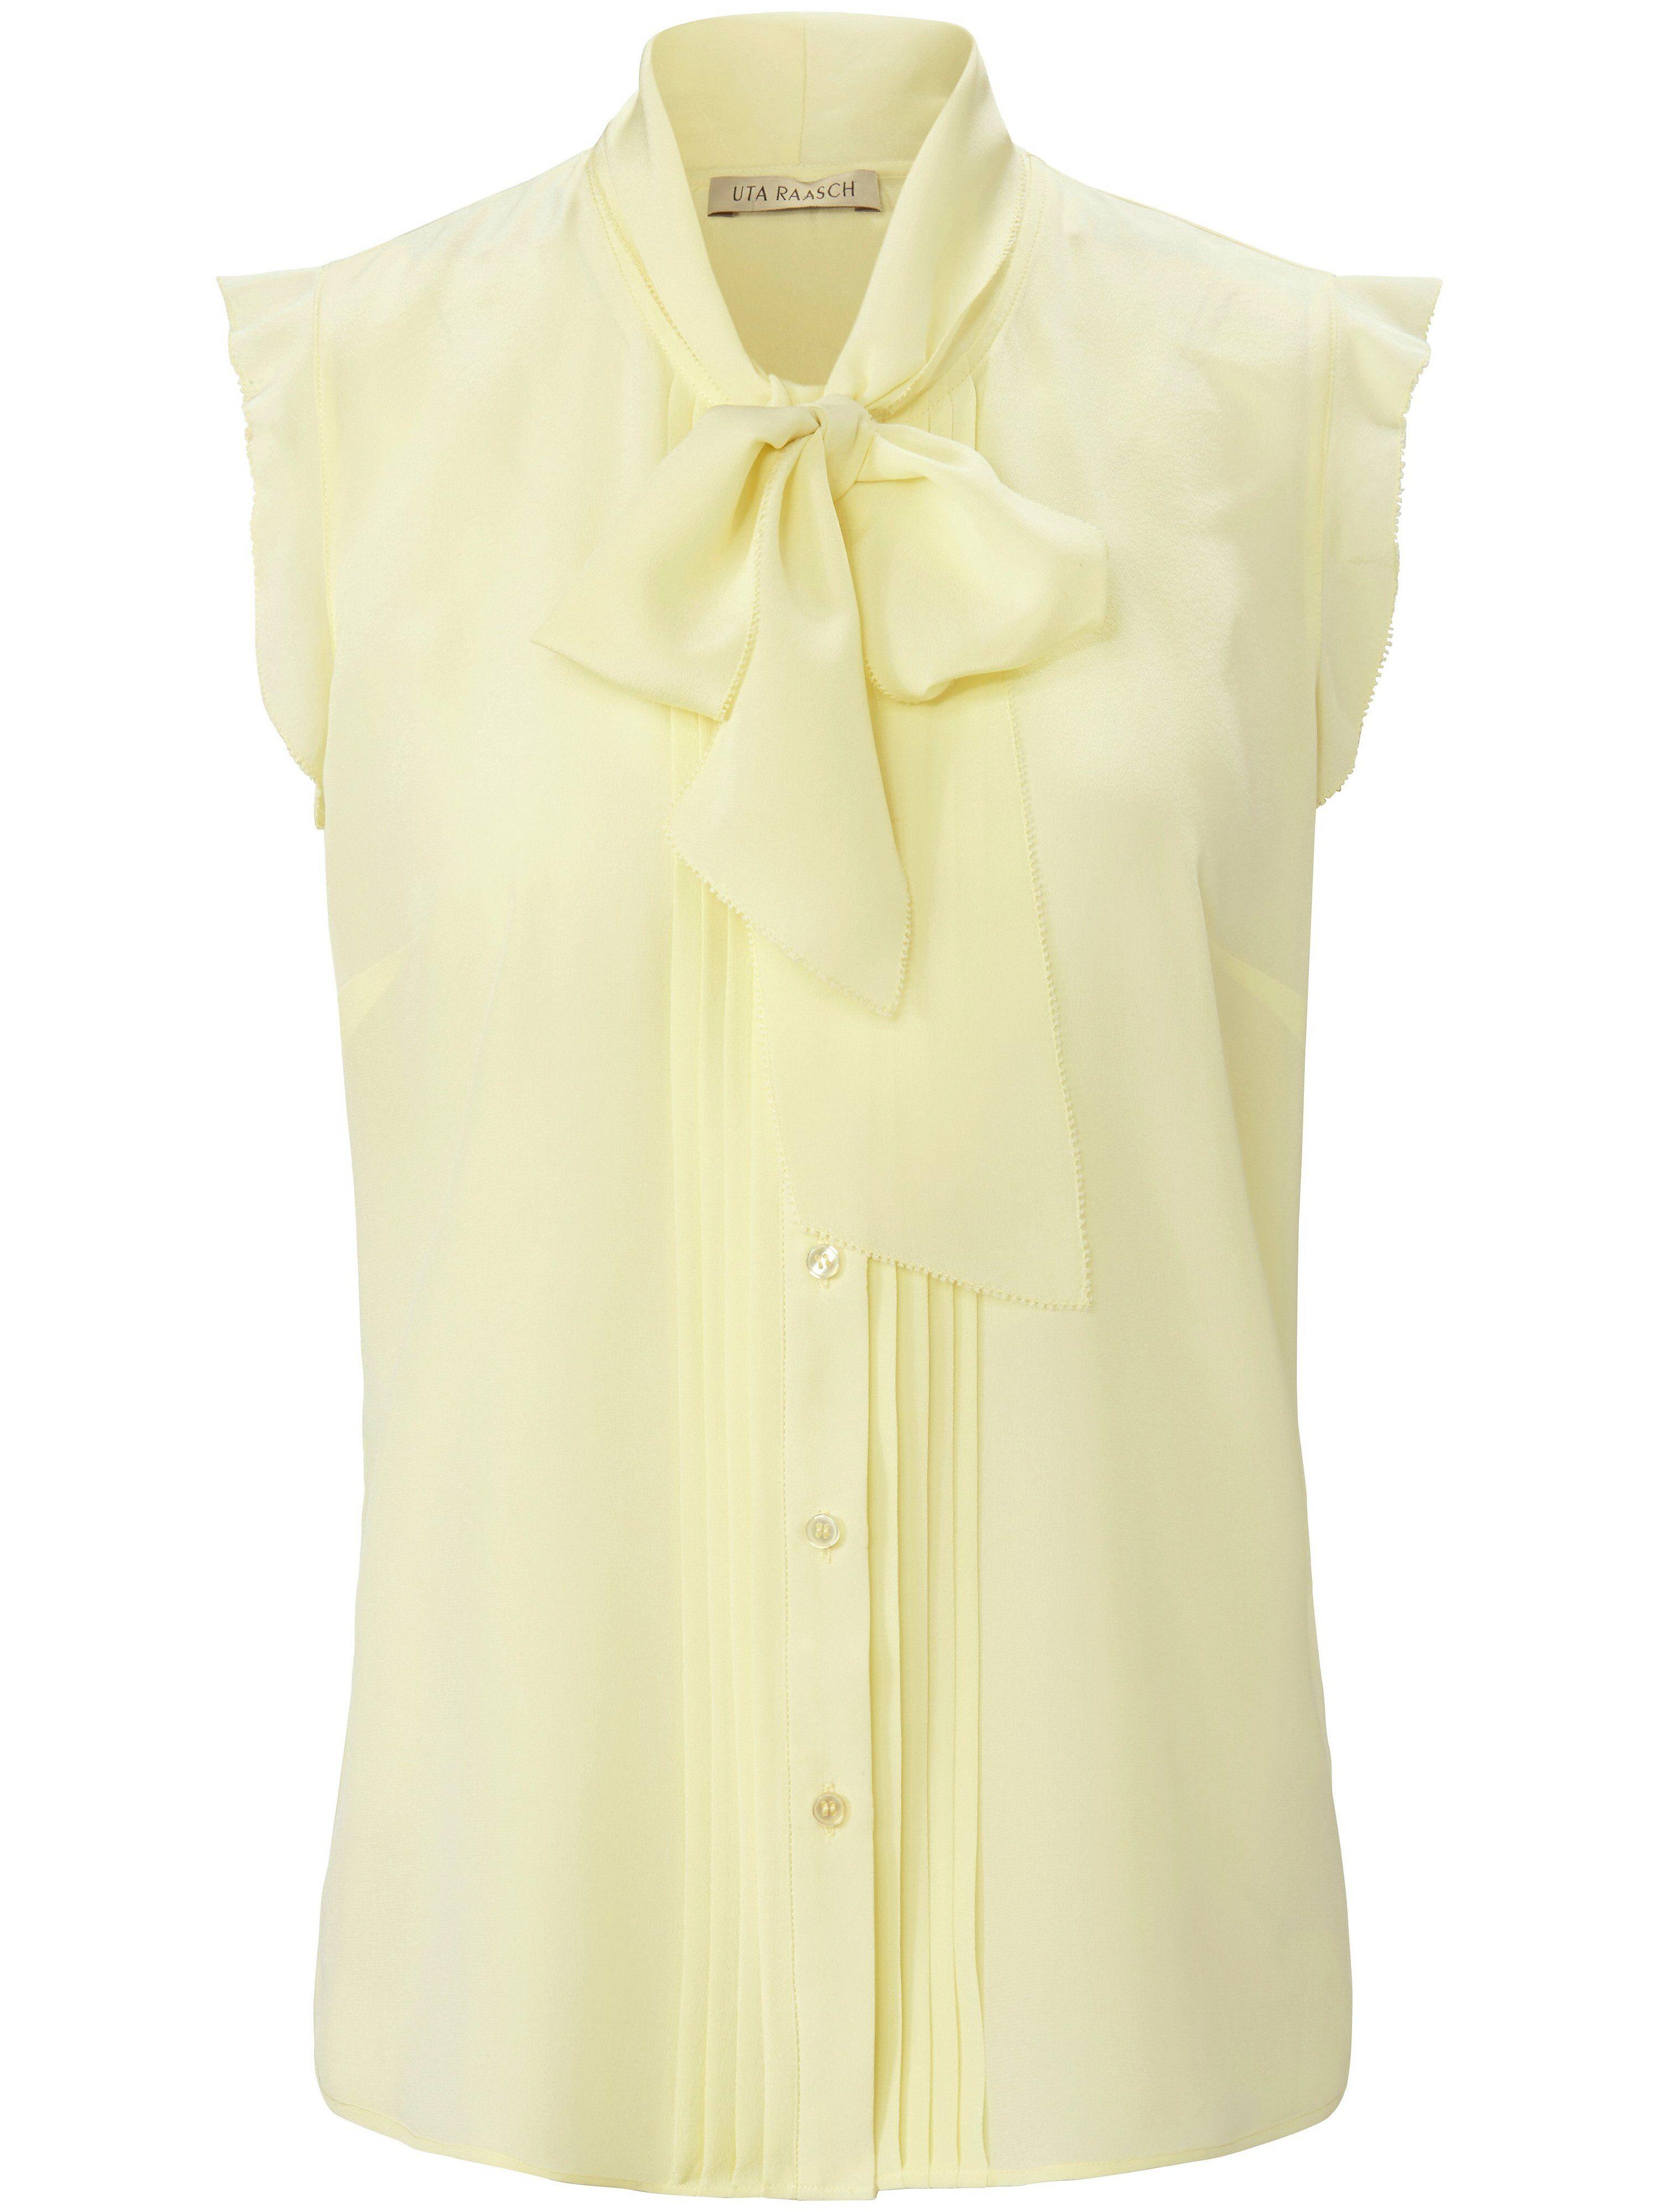 Uta Raasch Le top 100% soie  Uta Raasch jaune  - Femme - 38